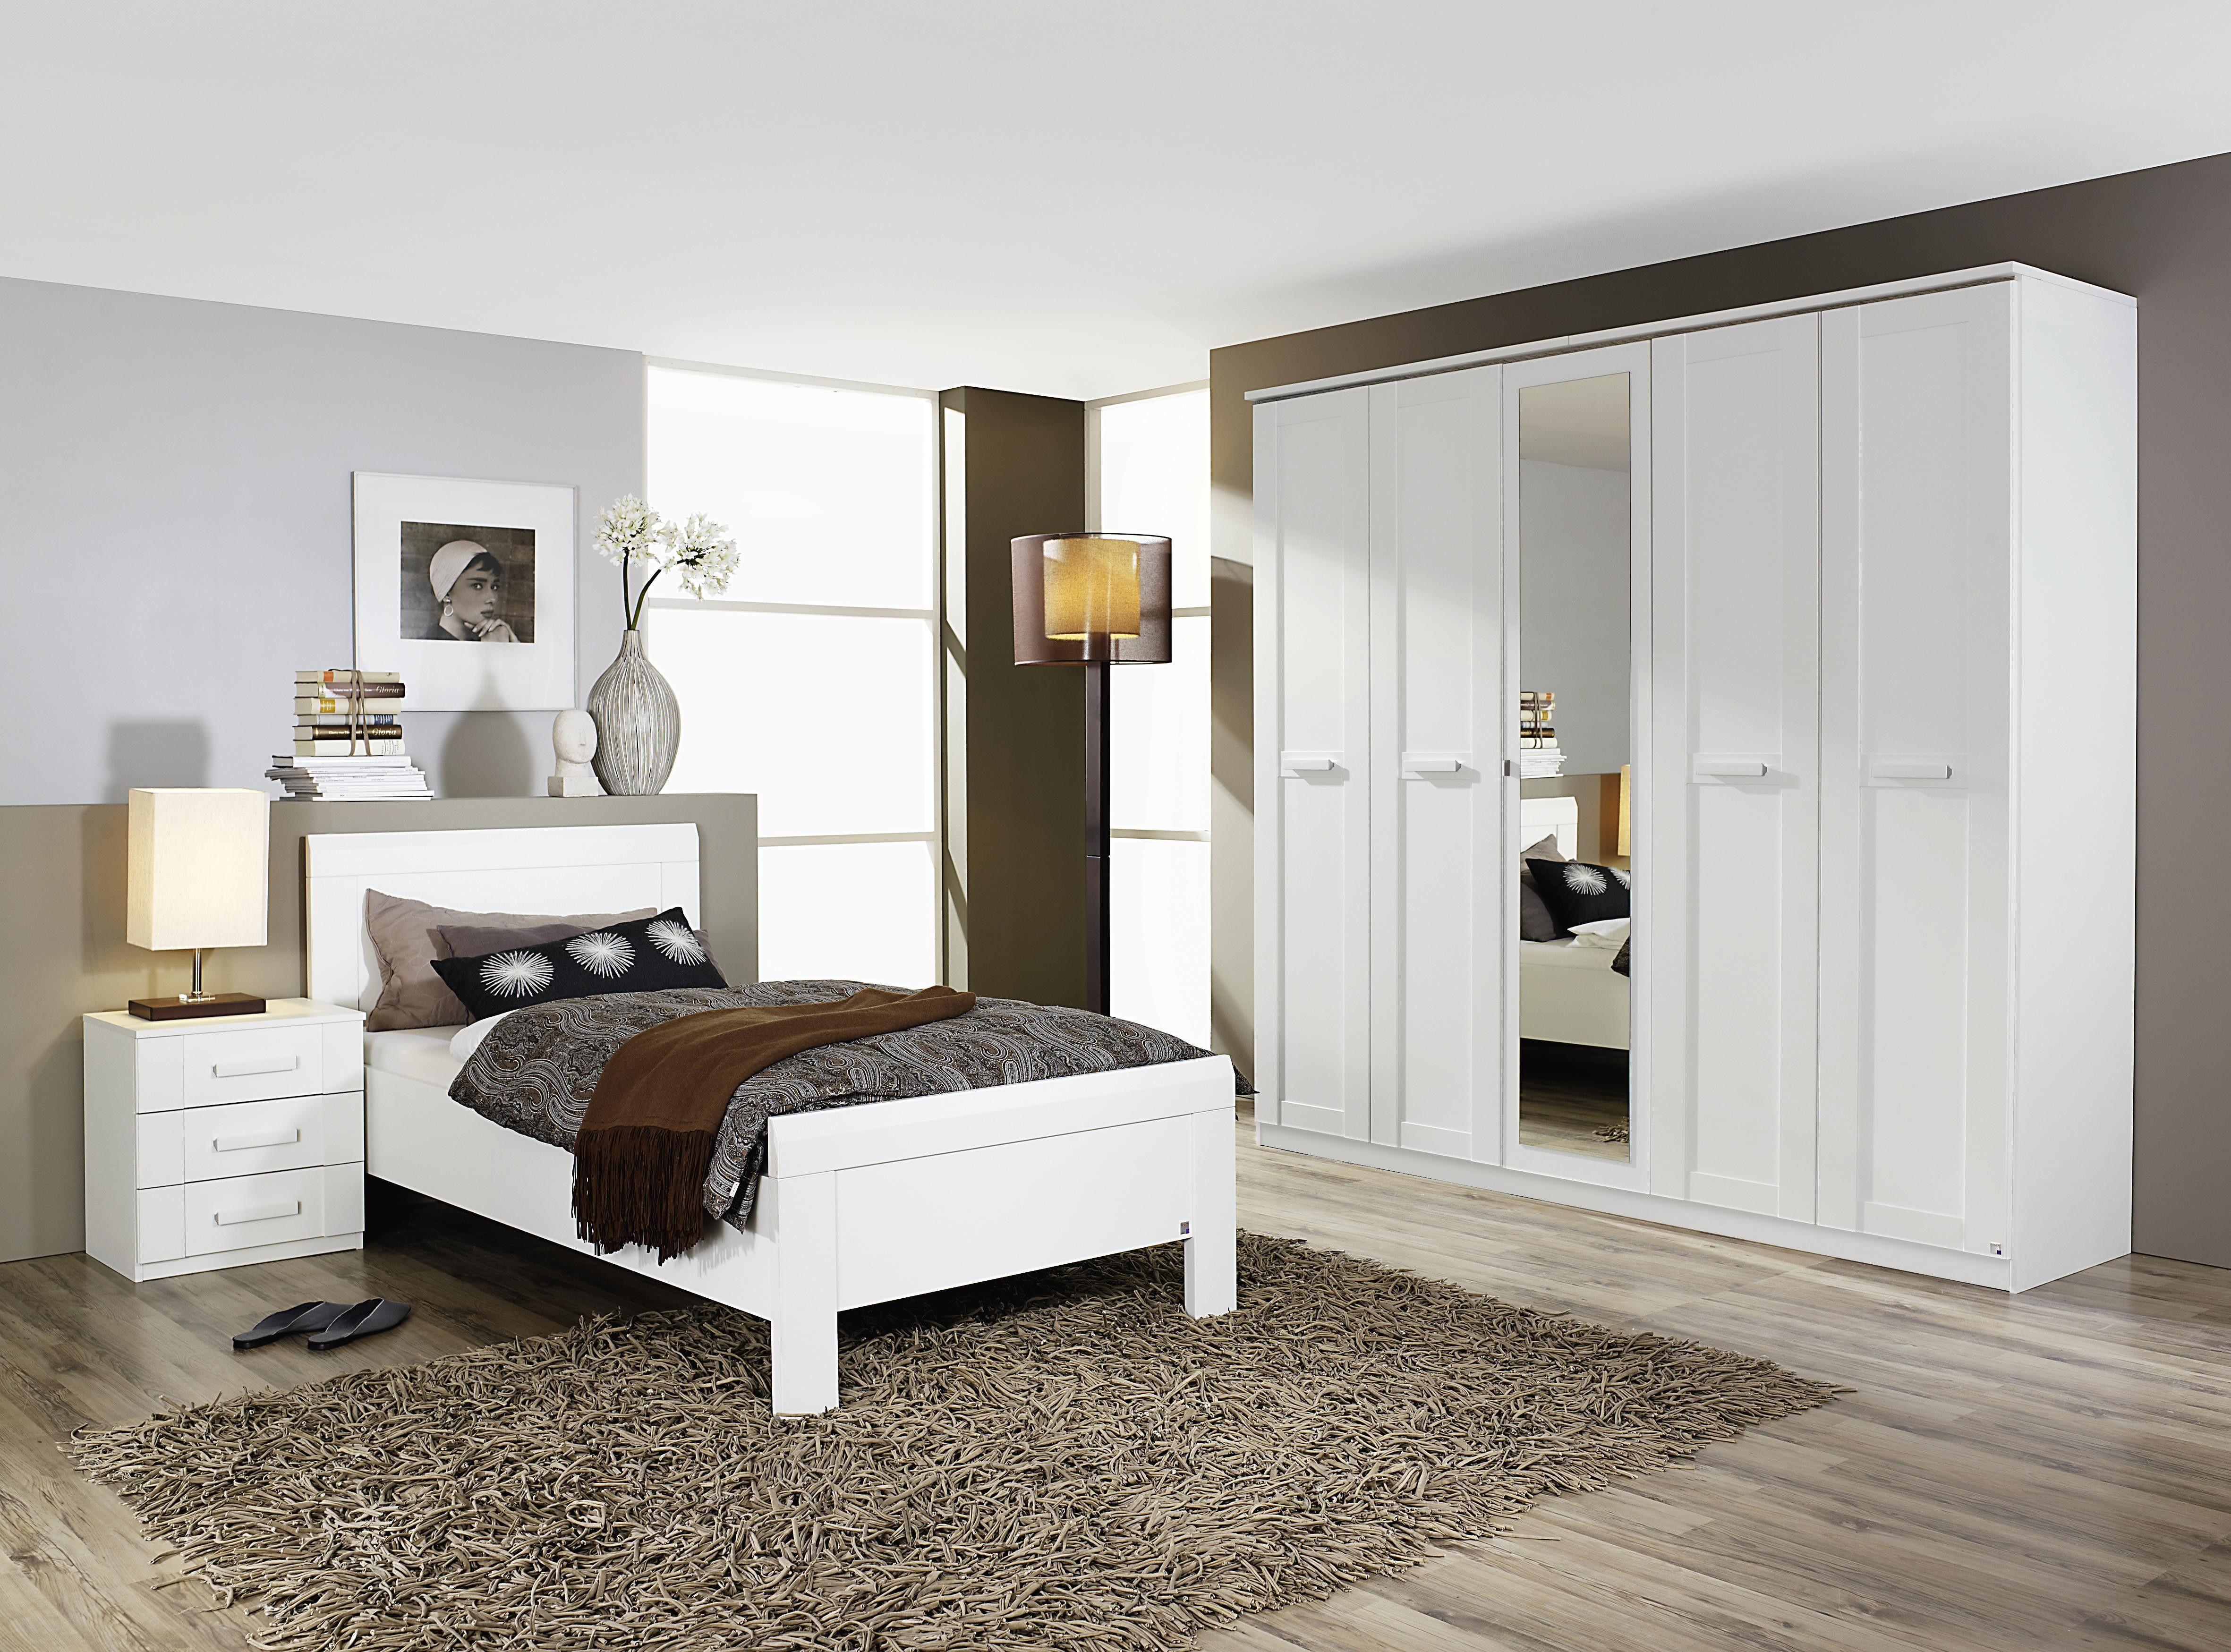 Schlafzimmer Mit Bett 90 X 200 Cm Alpinweiss Woody 33 00837 Holz Modern  Jetzt Bestellen